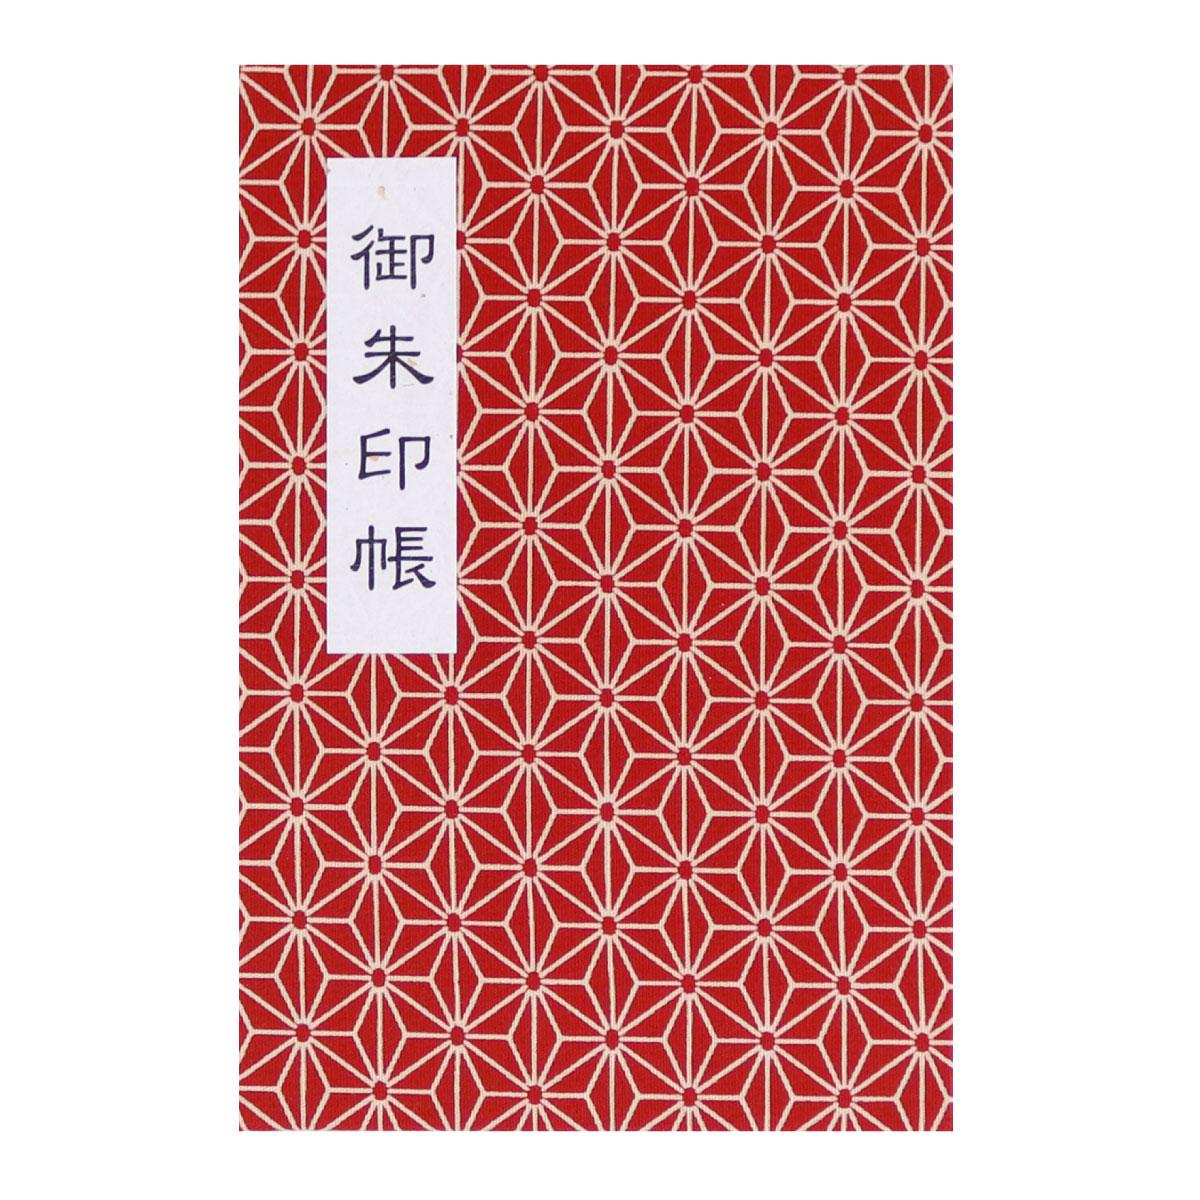 御朱印帳蛇腹式46ページ大判サイズ<麻の葉>赤色 御朱印帳蛇腹式46ページ大判サイズ<麻の葉>赤色